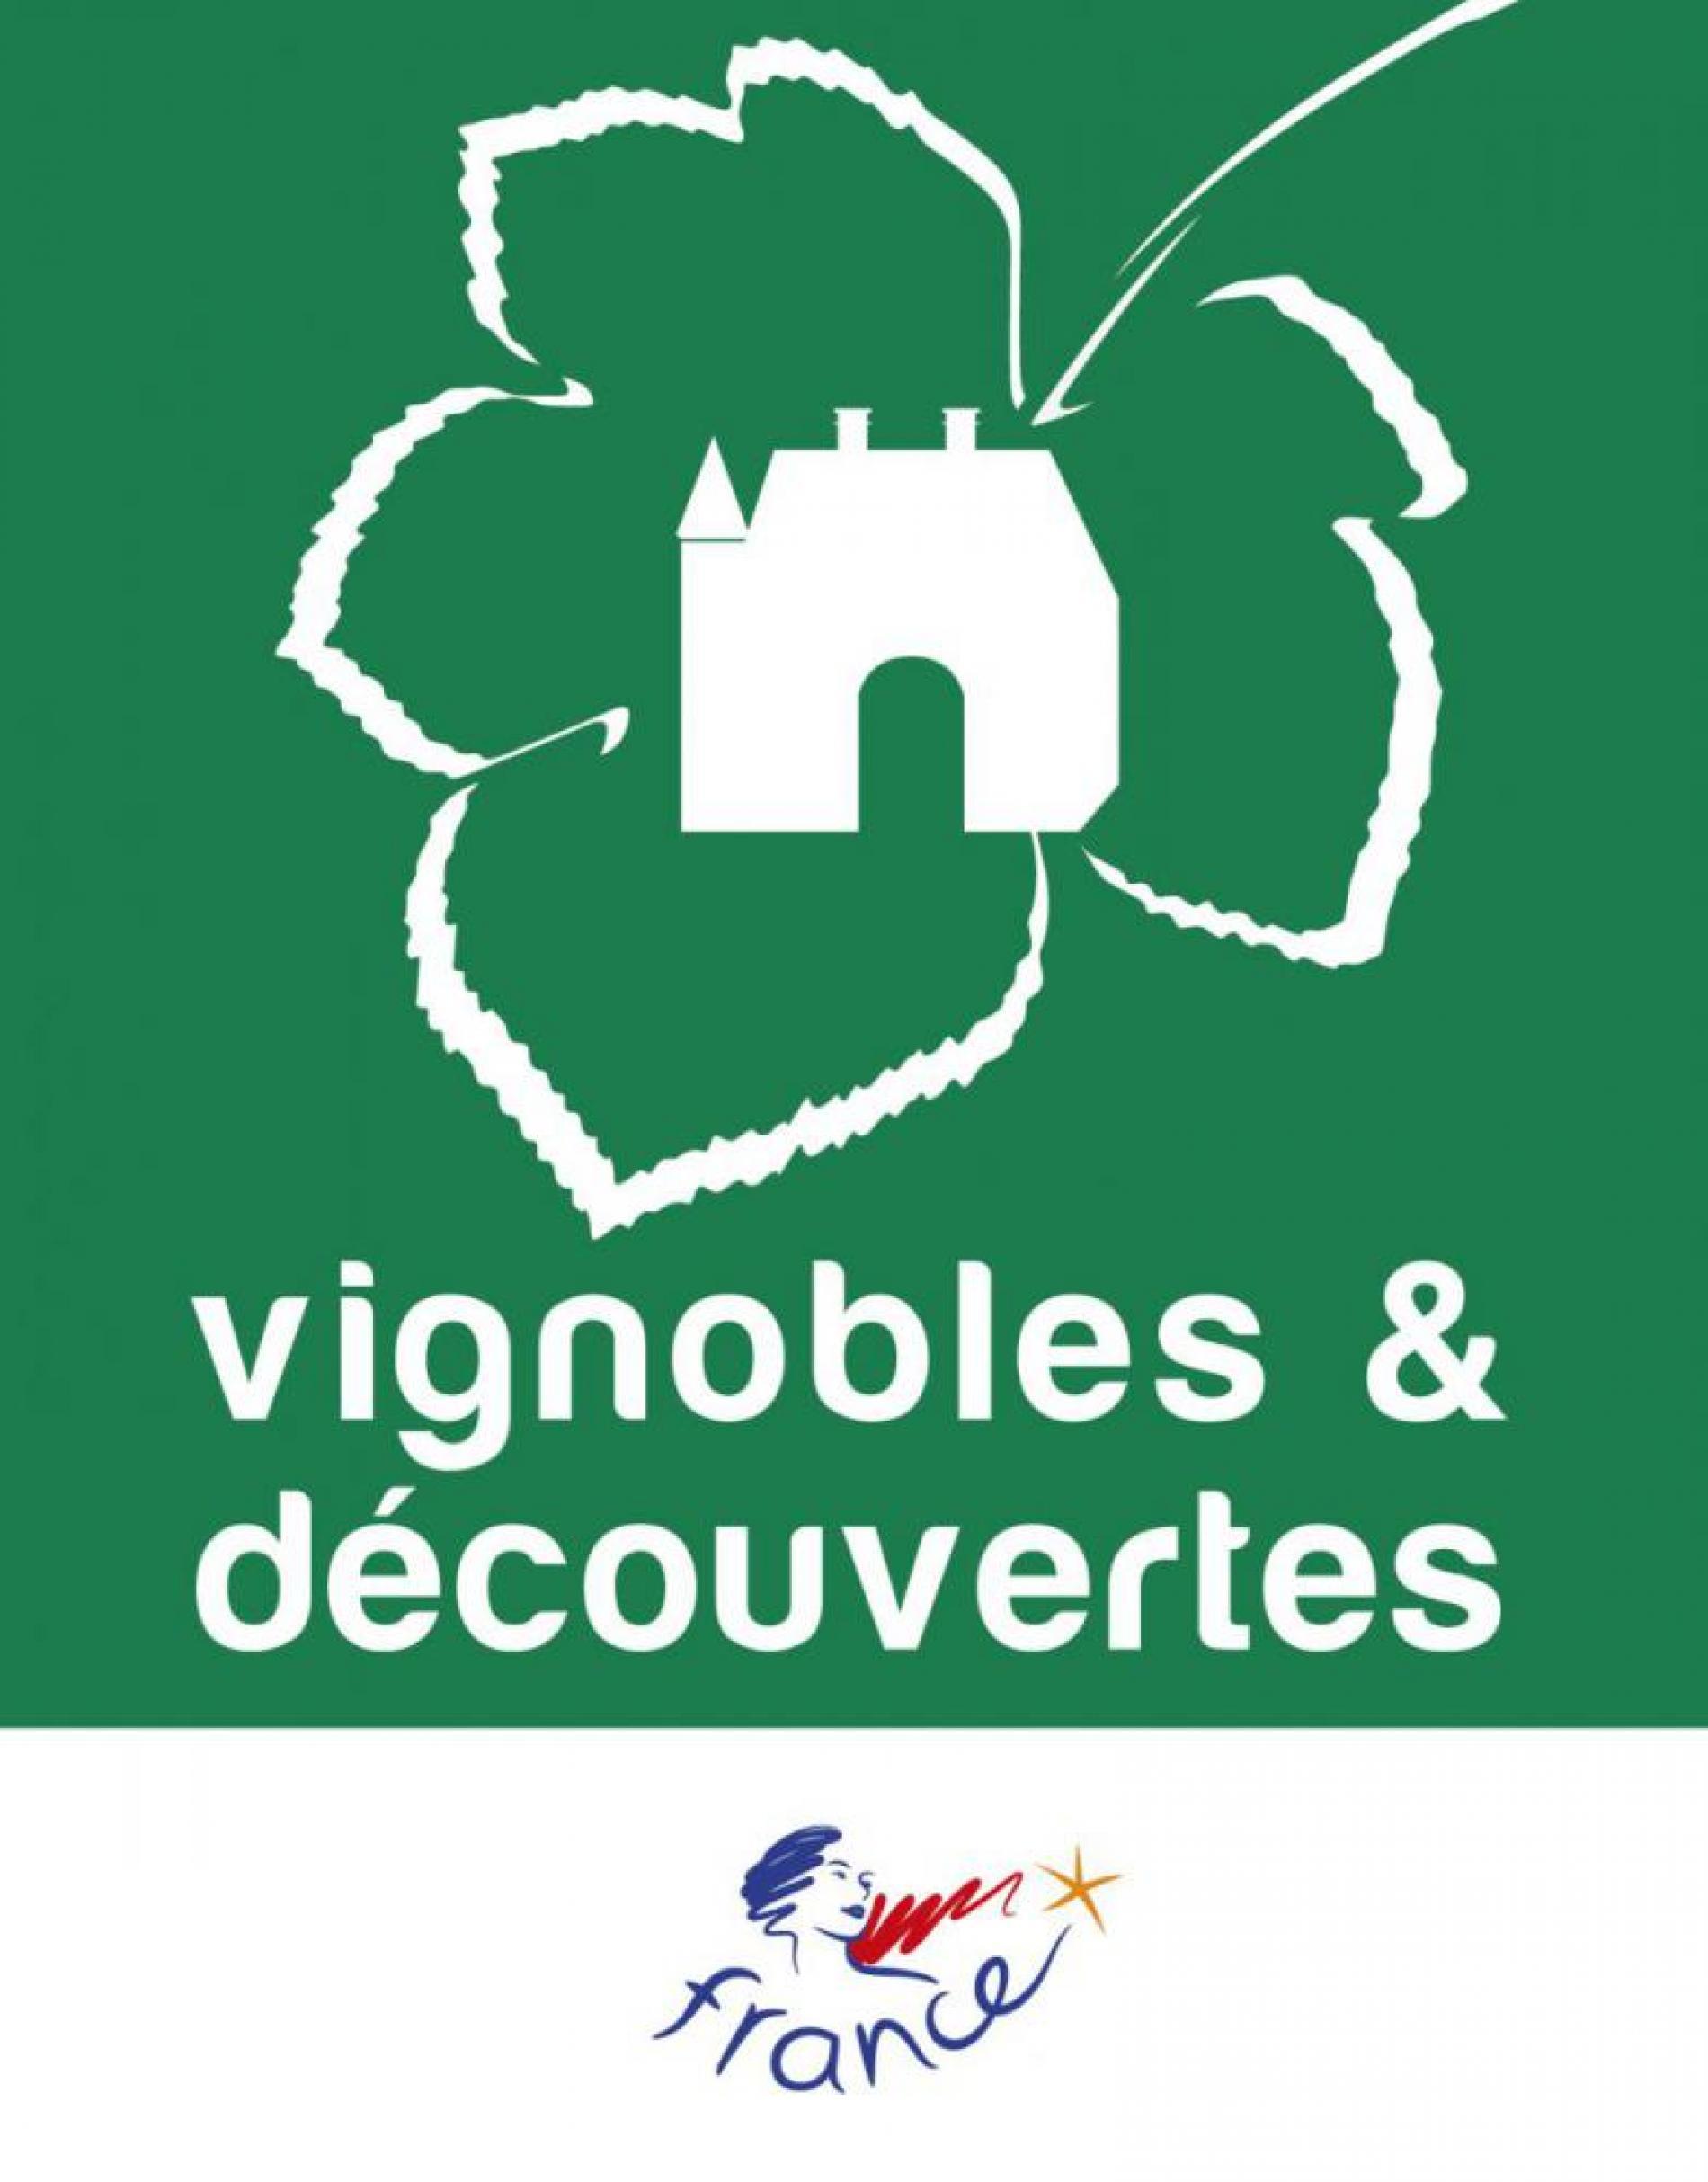 Hôtel Vignobles et découvertes